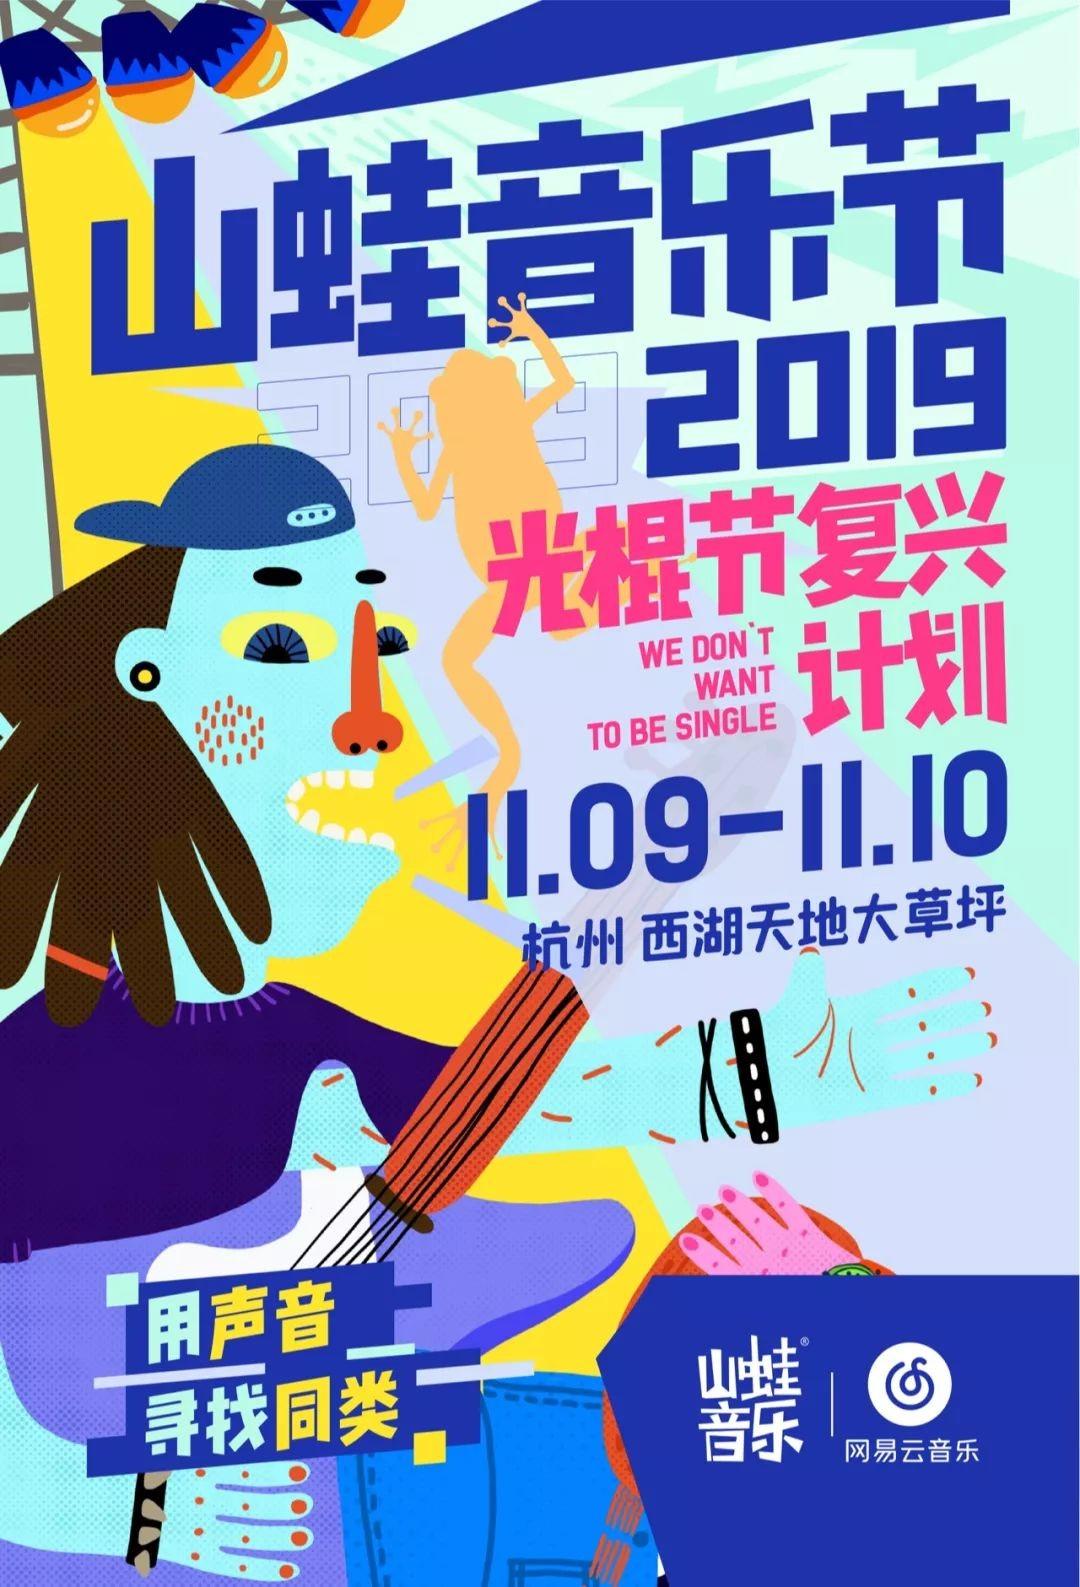 2019山蛙音乐节光棍节复兴计划,让我们一起感受无限近似的温度